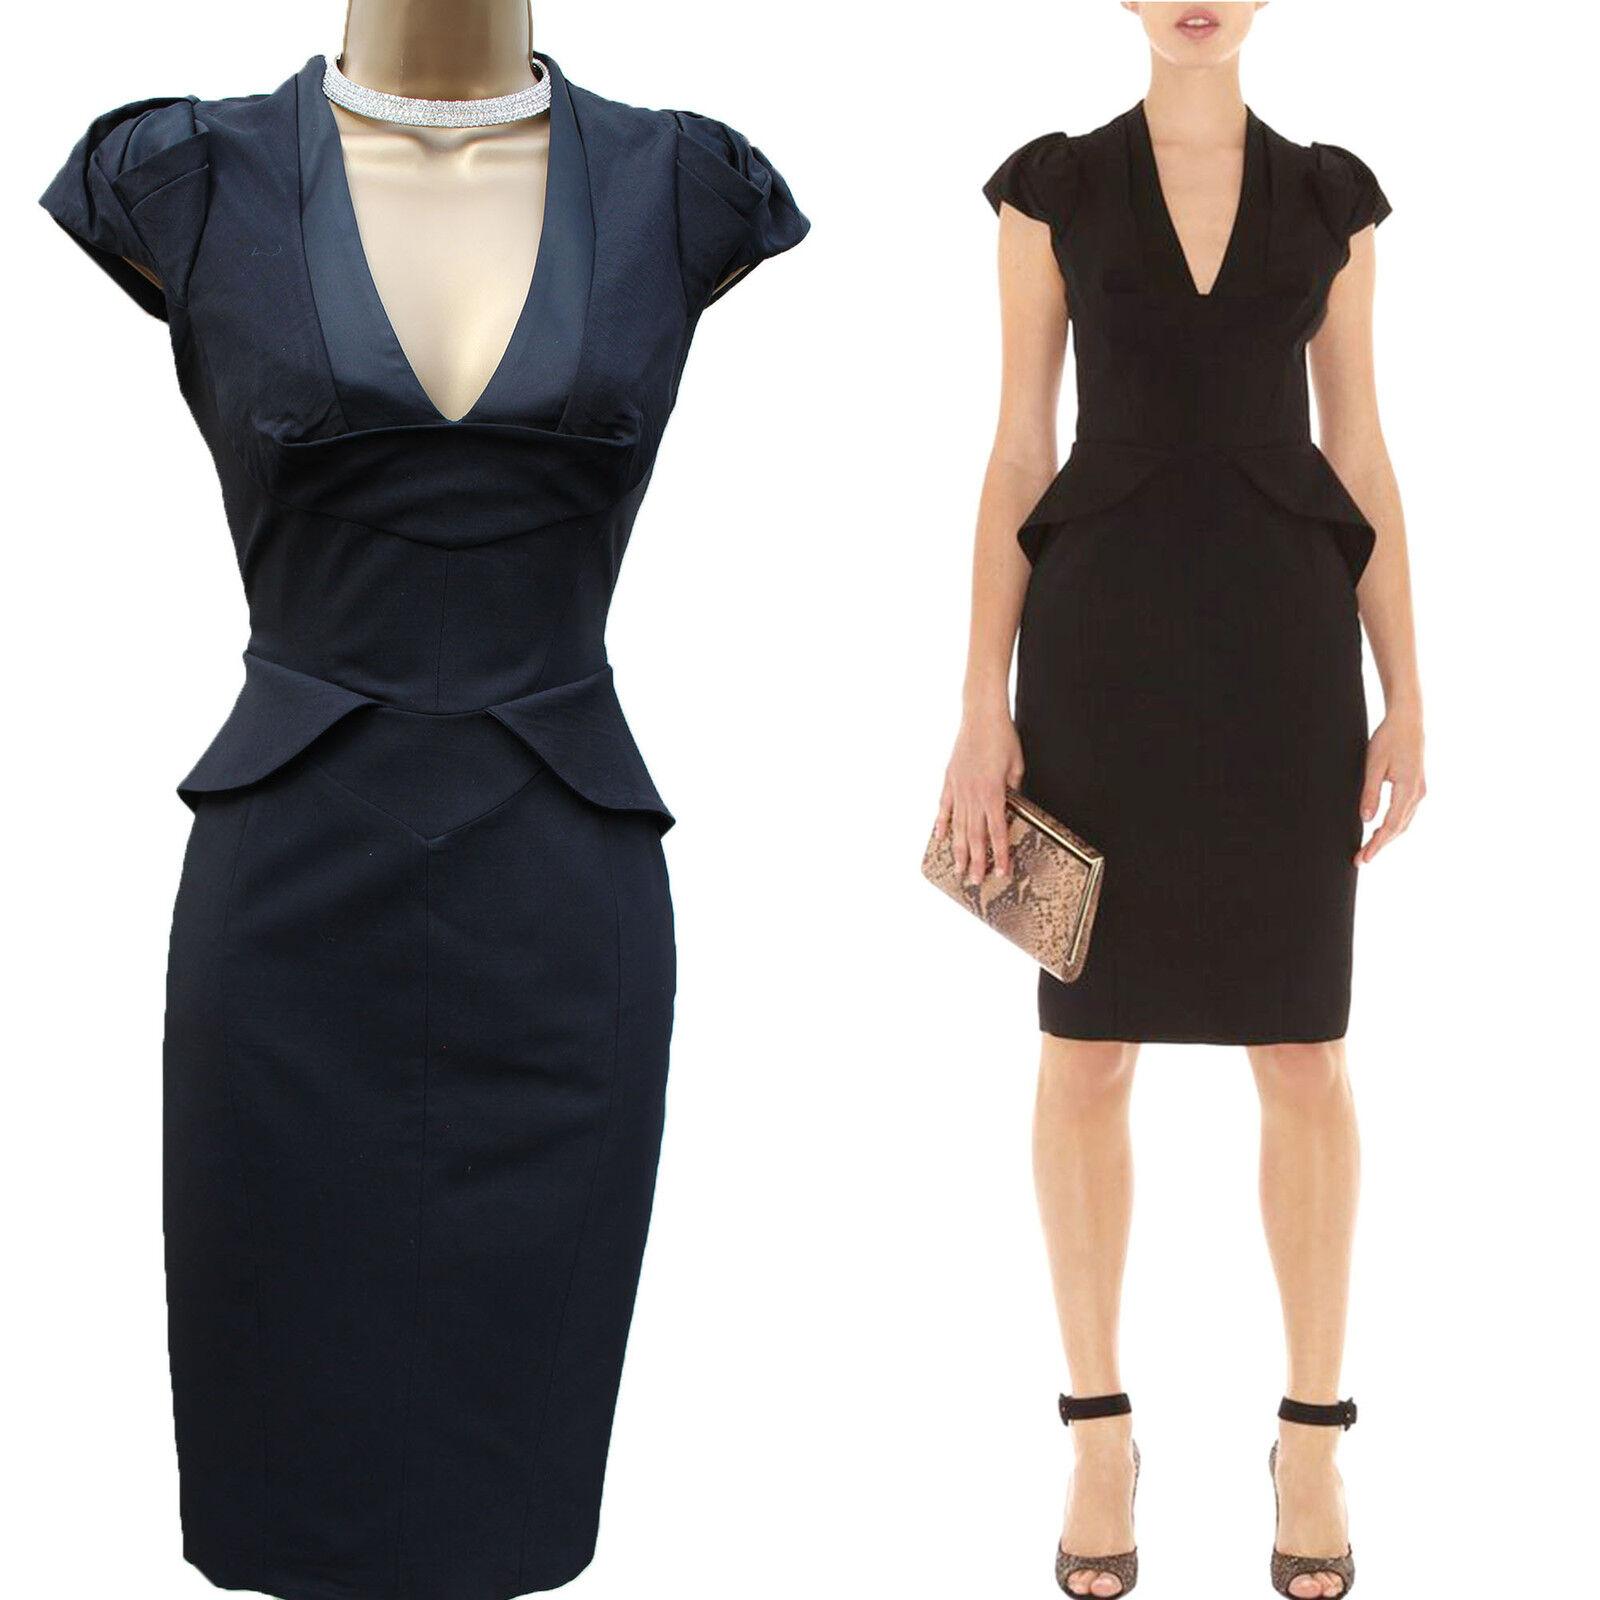 Karen Millen schwarz TailGoldt Wool Blend Cocktail Evening Pencil Dress 14 EU